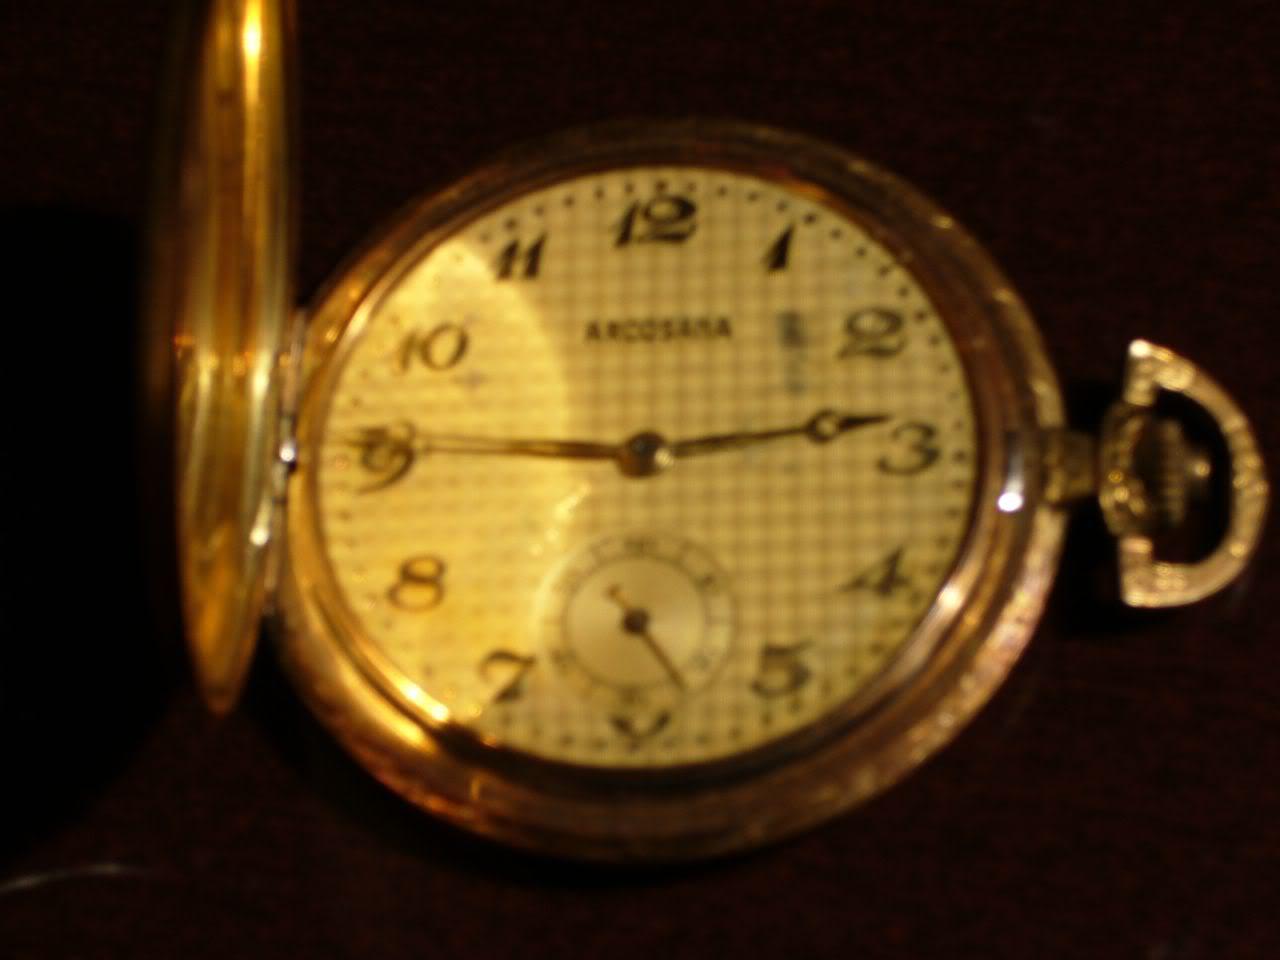 Goussets vintage en or - besoin d'avis! P10002501280x768